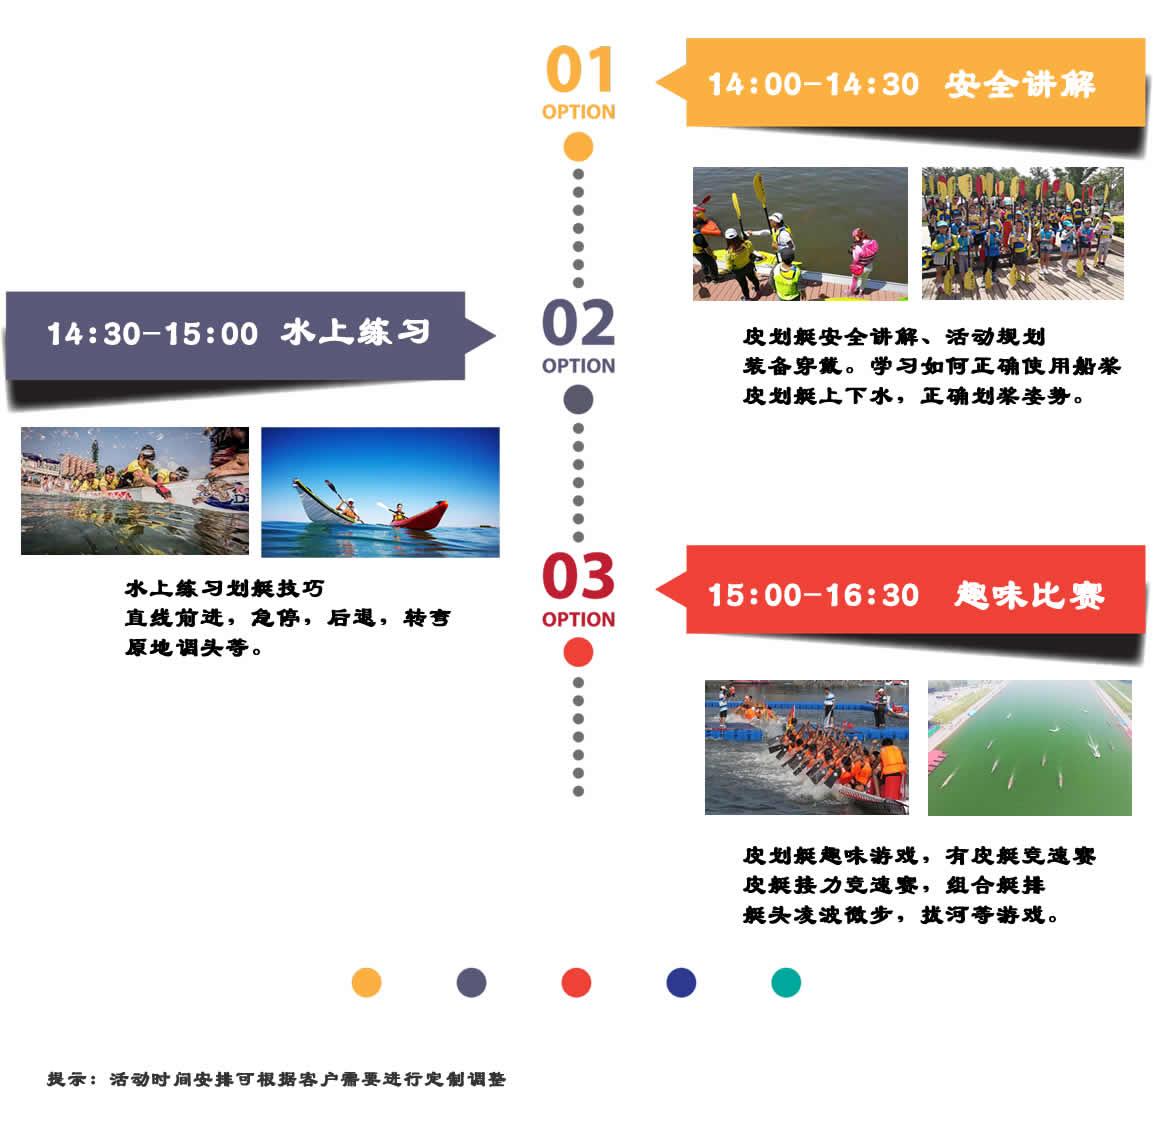 趣味运动会户外拓展_会务及活动策划相关-北京亦友文化发展有限公司